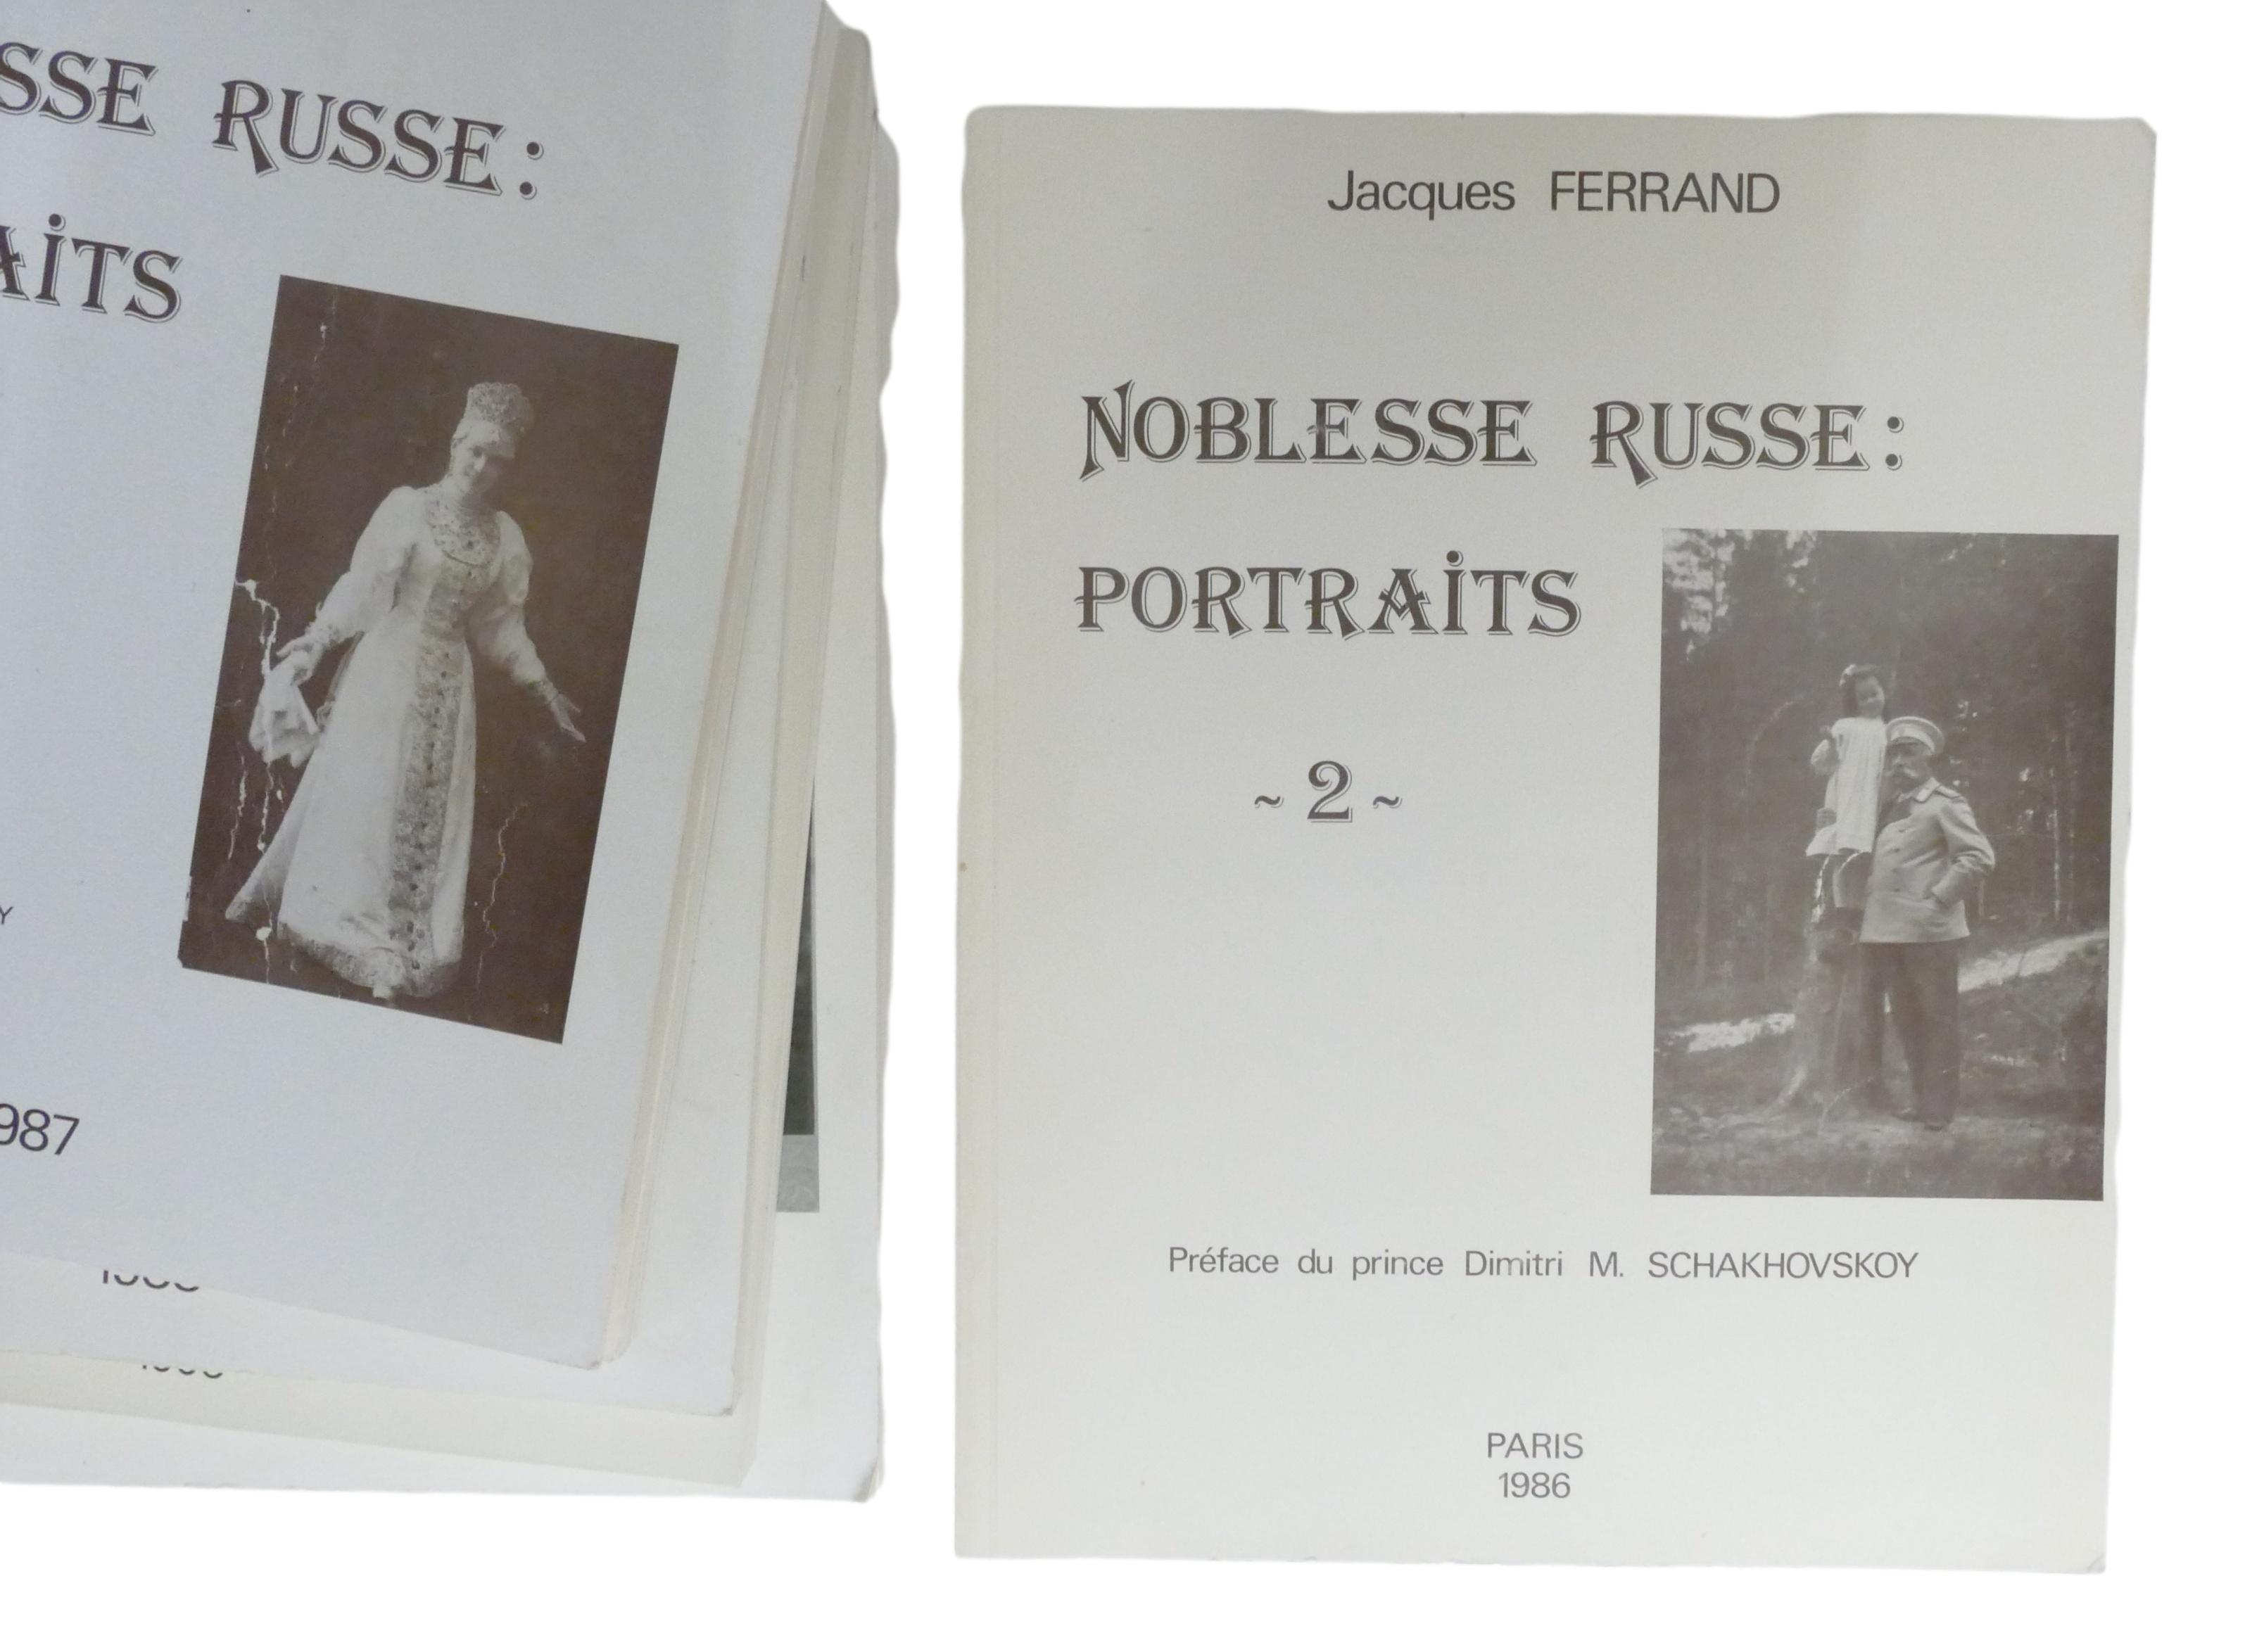 JACQUES FERRAND (1943-2007) Noblesse russe: Portraits Préf. du prince Dimitri M. Schakhovskoy et - Image 6 of 12